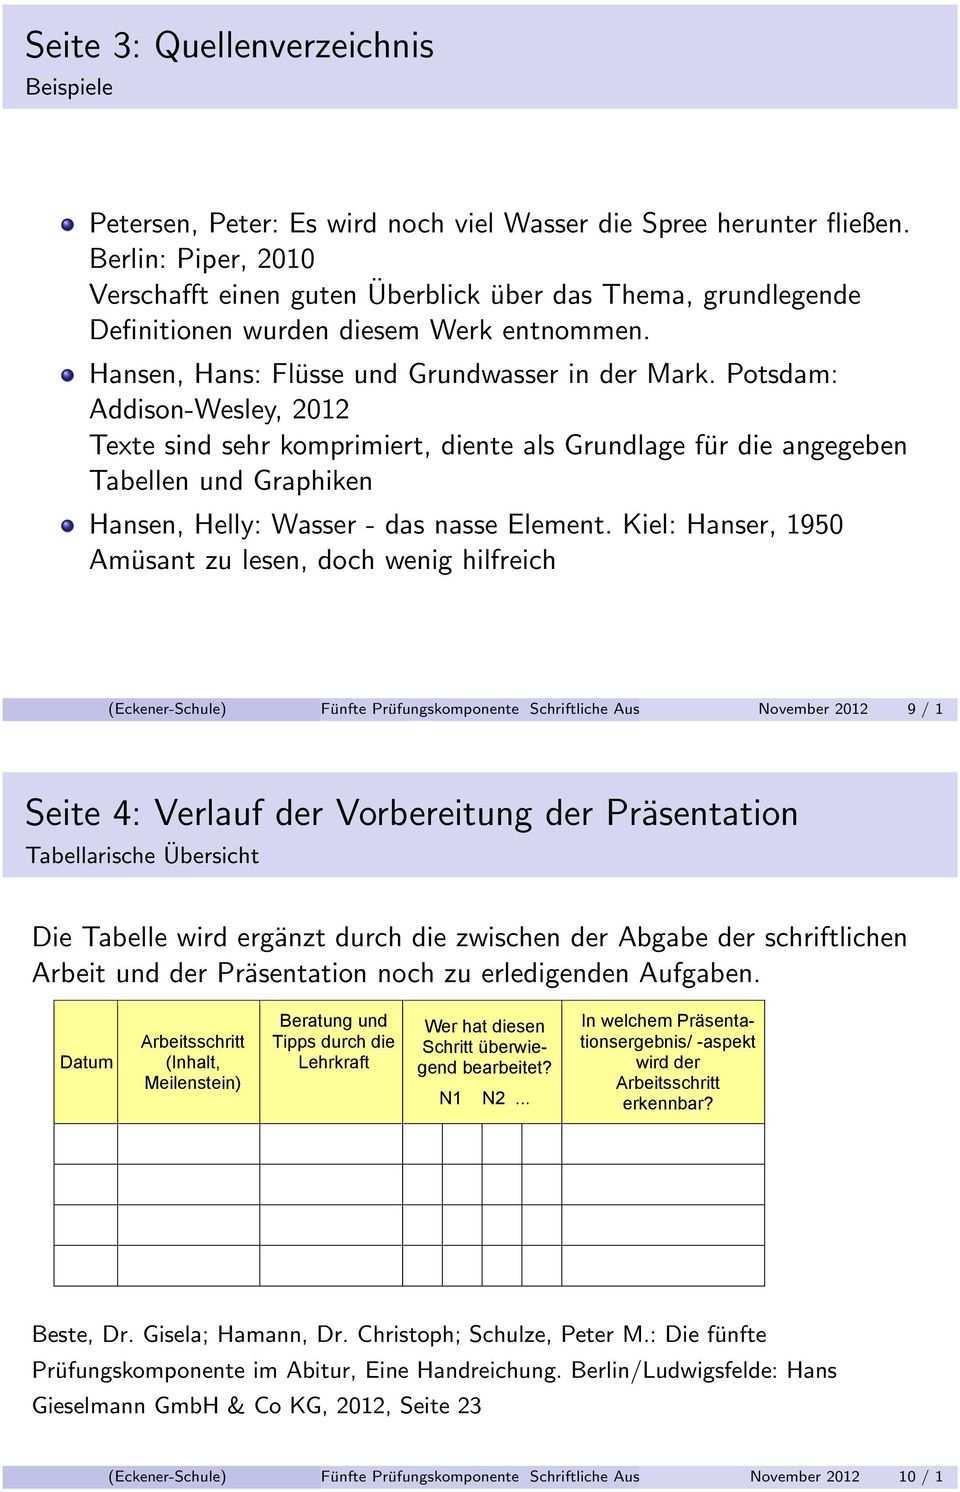 Funfte Prufungskomponente Schriftliche Ausarbeitung Pdf Kostenfreier Download